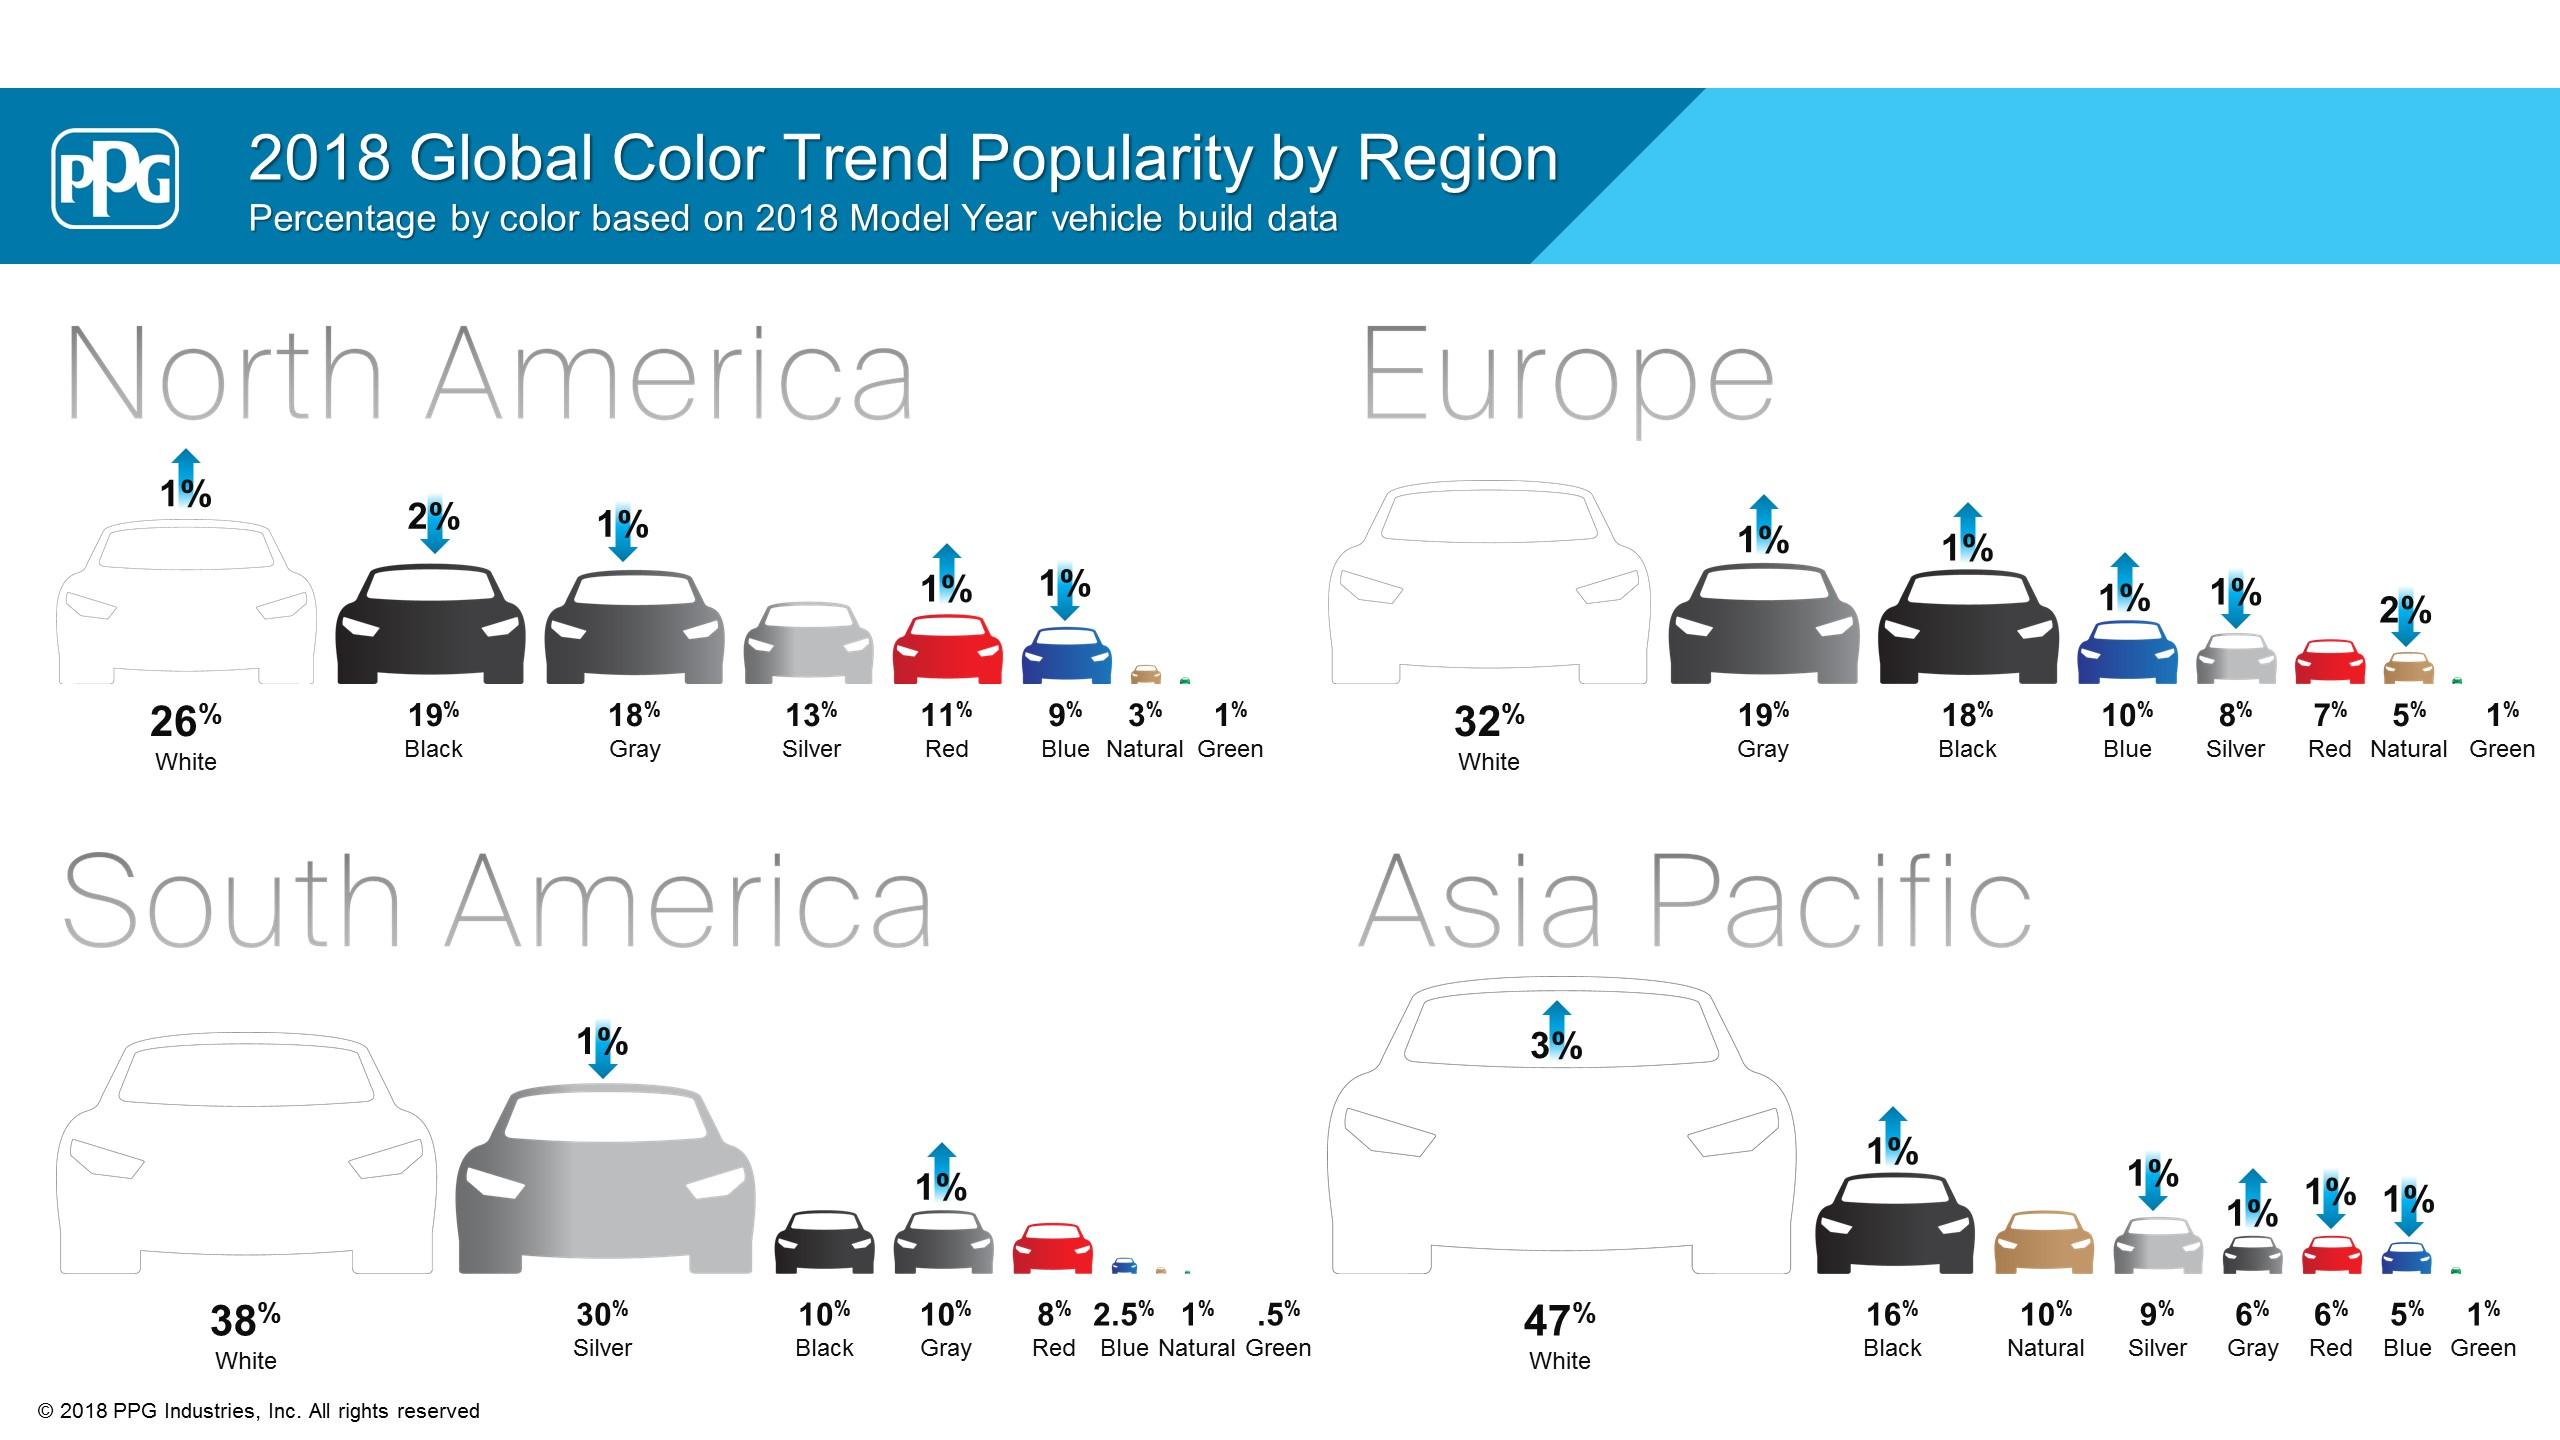 Levantamento mostrou que o branco é a preferida entre as cores de carro, com o prata em segundo apenas na América do Sul, e verde como a menos desejada.